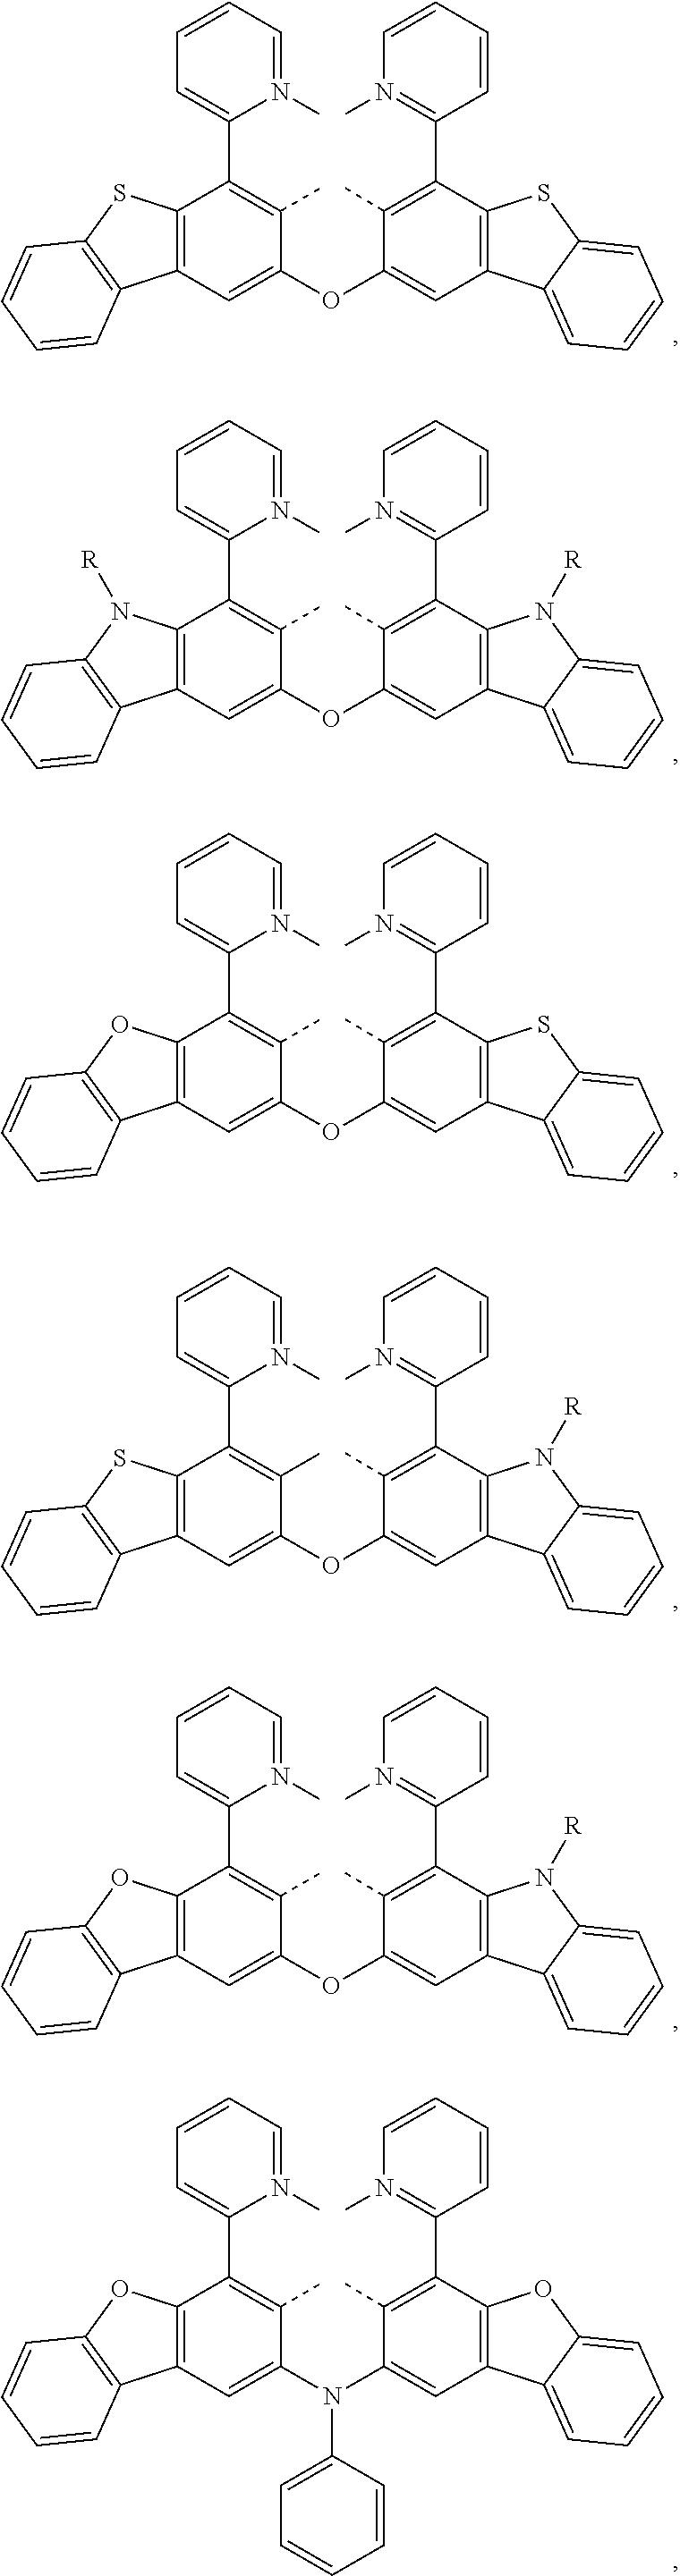 Figure US10056565-20180821-C00033